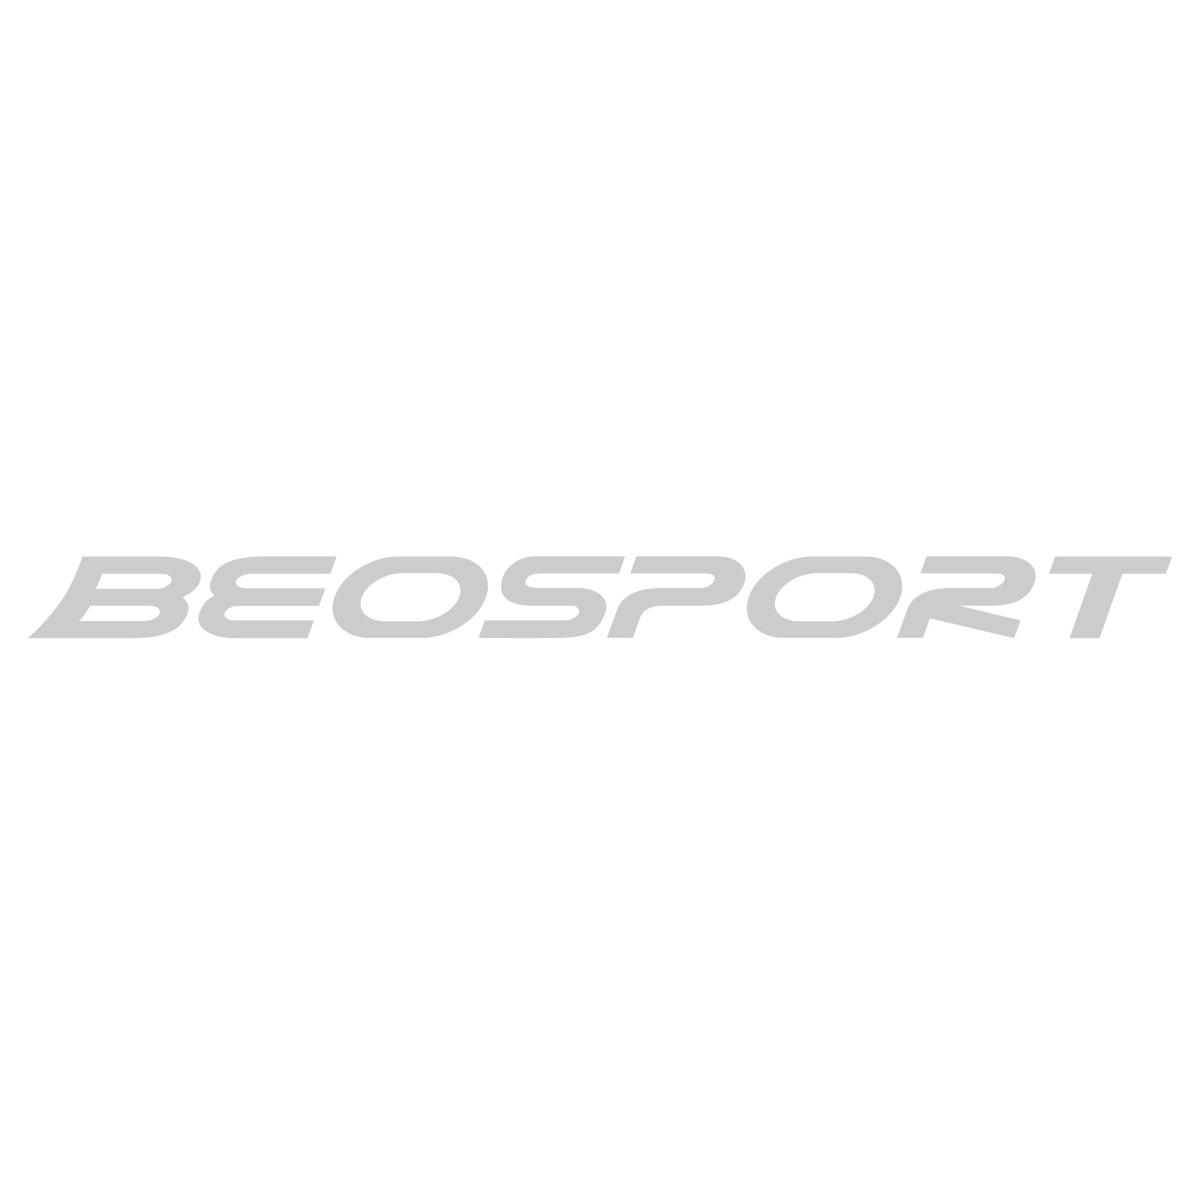 Circus Eileen cipele